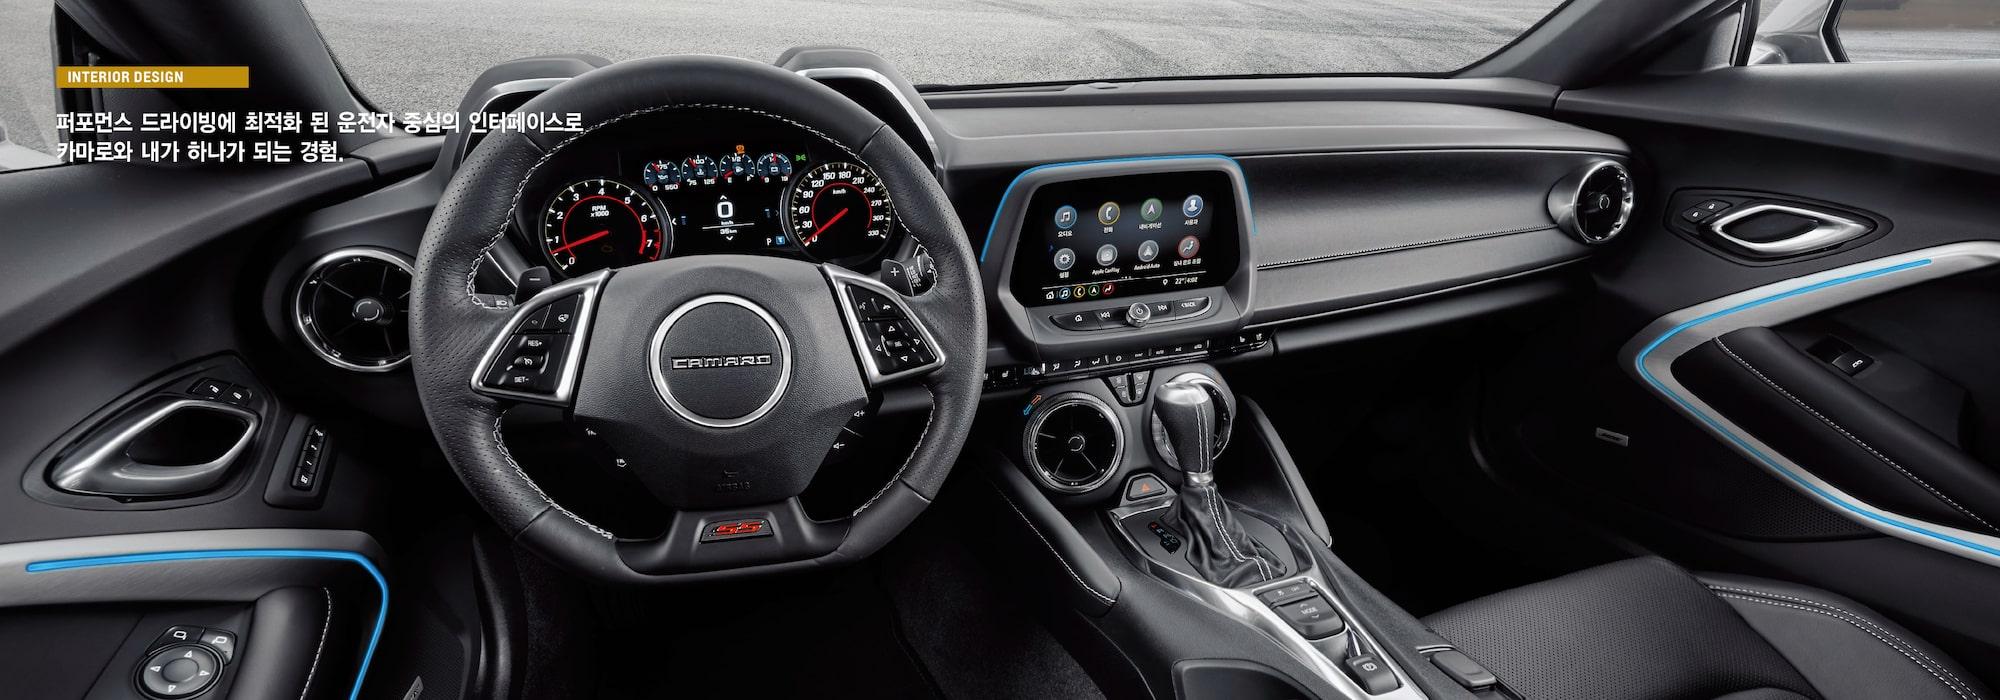 카마로 카탈로그(e-Catalog) | 쉐보레(Chevrolet) 공식 웹사이트